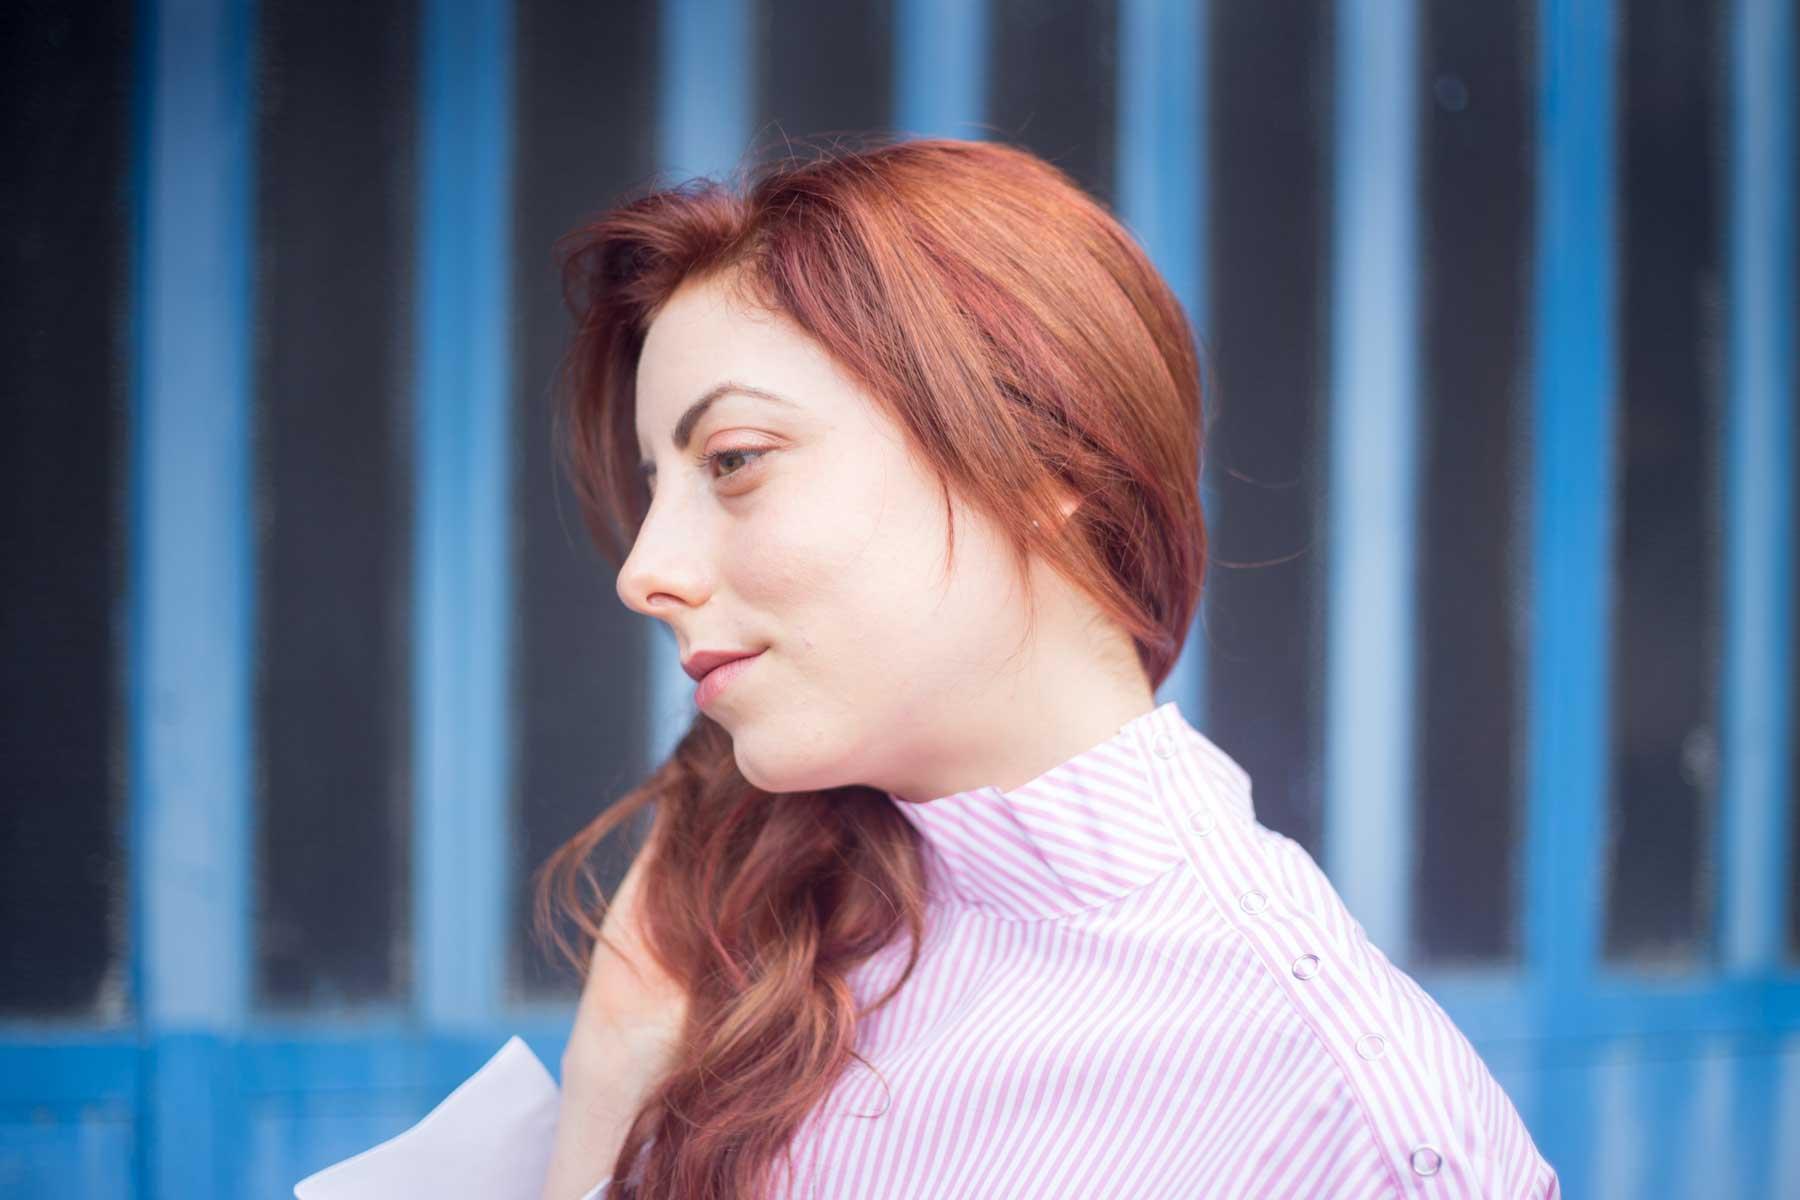 capelli color rame con riflessi rossi, da bionda a rossa